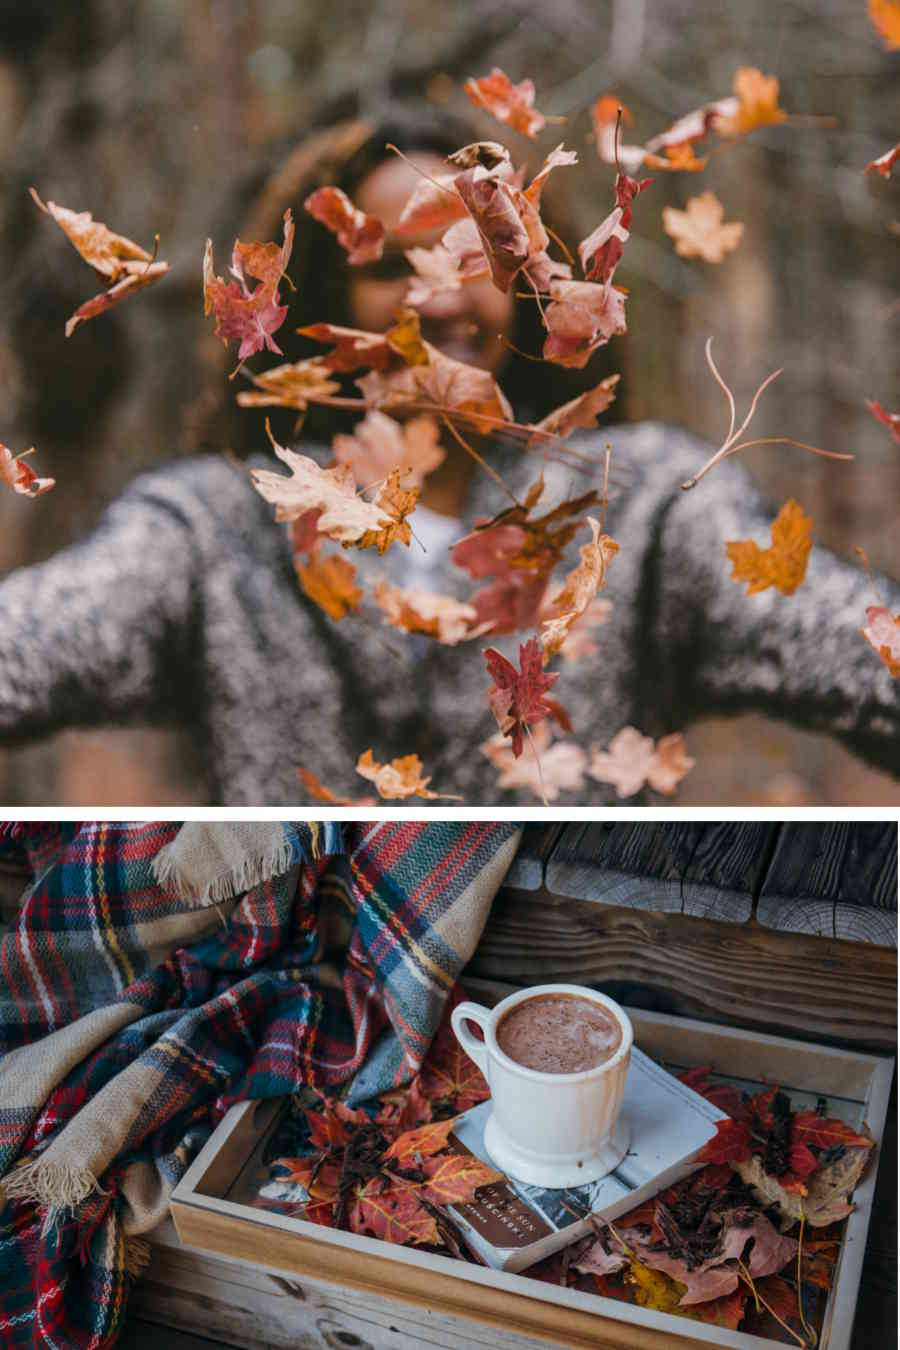 L'échoppe Végétale - Inspirations pour un automne pas monotone | les feuilles séchées s'envolent il est temps de prendre un bonne tasse de thé, un plaid et un livre